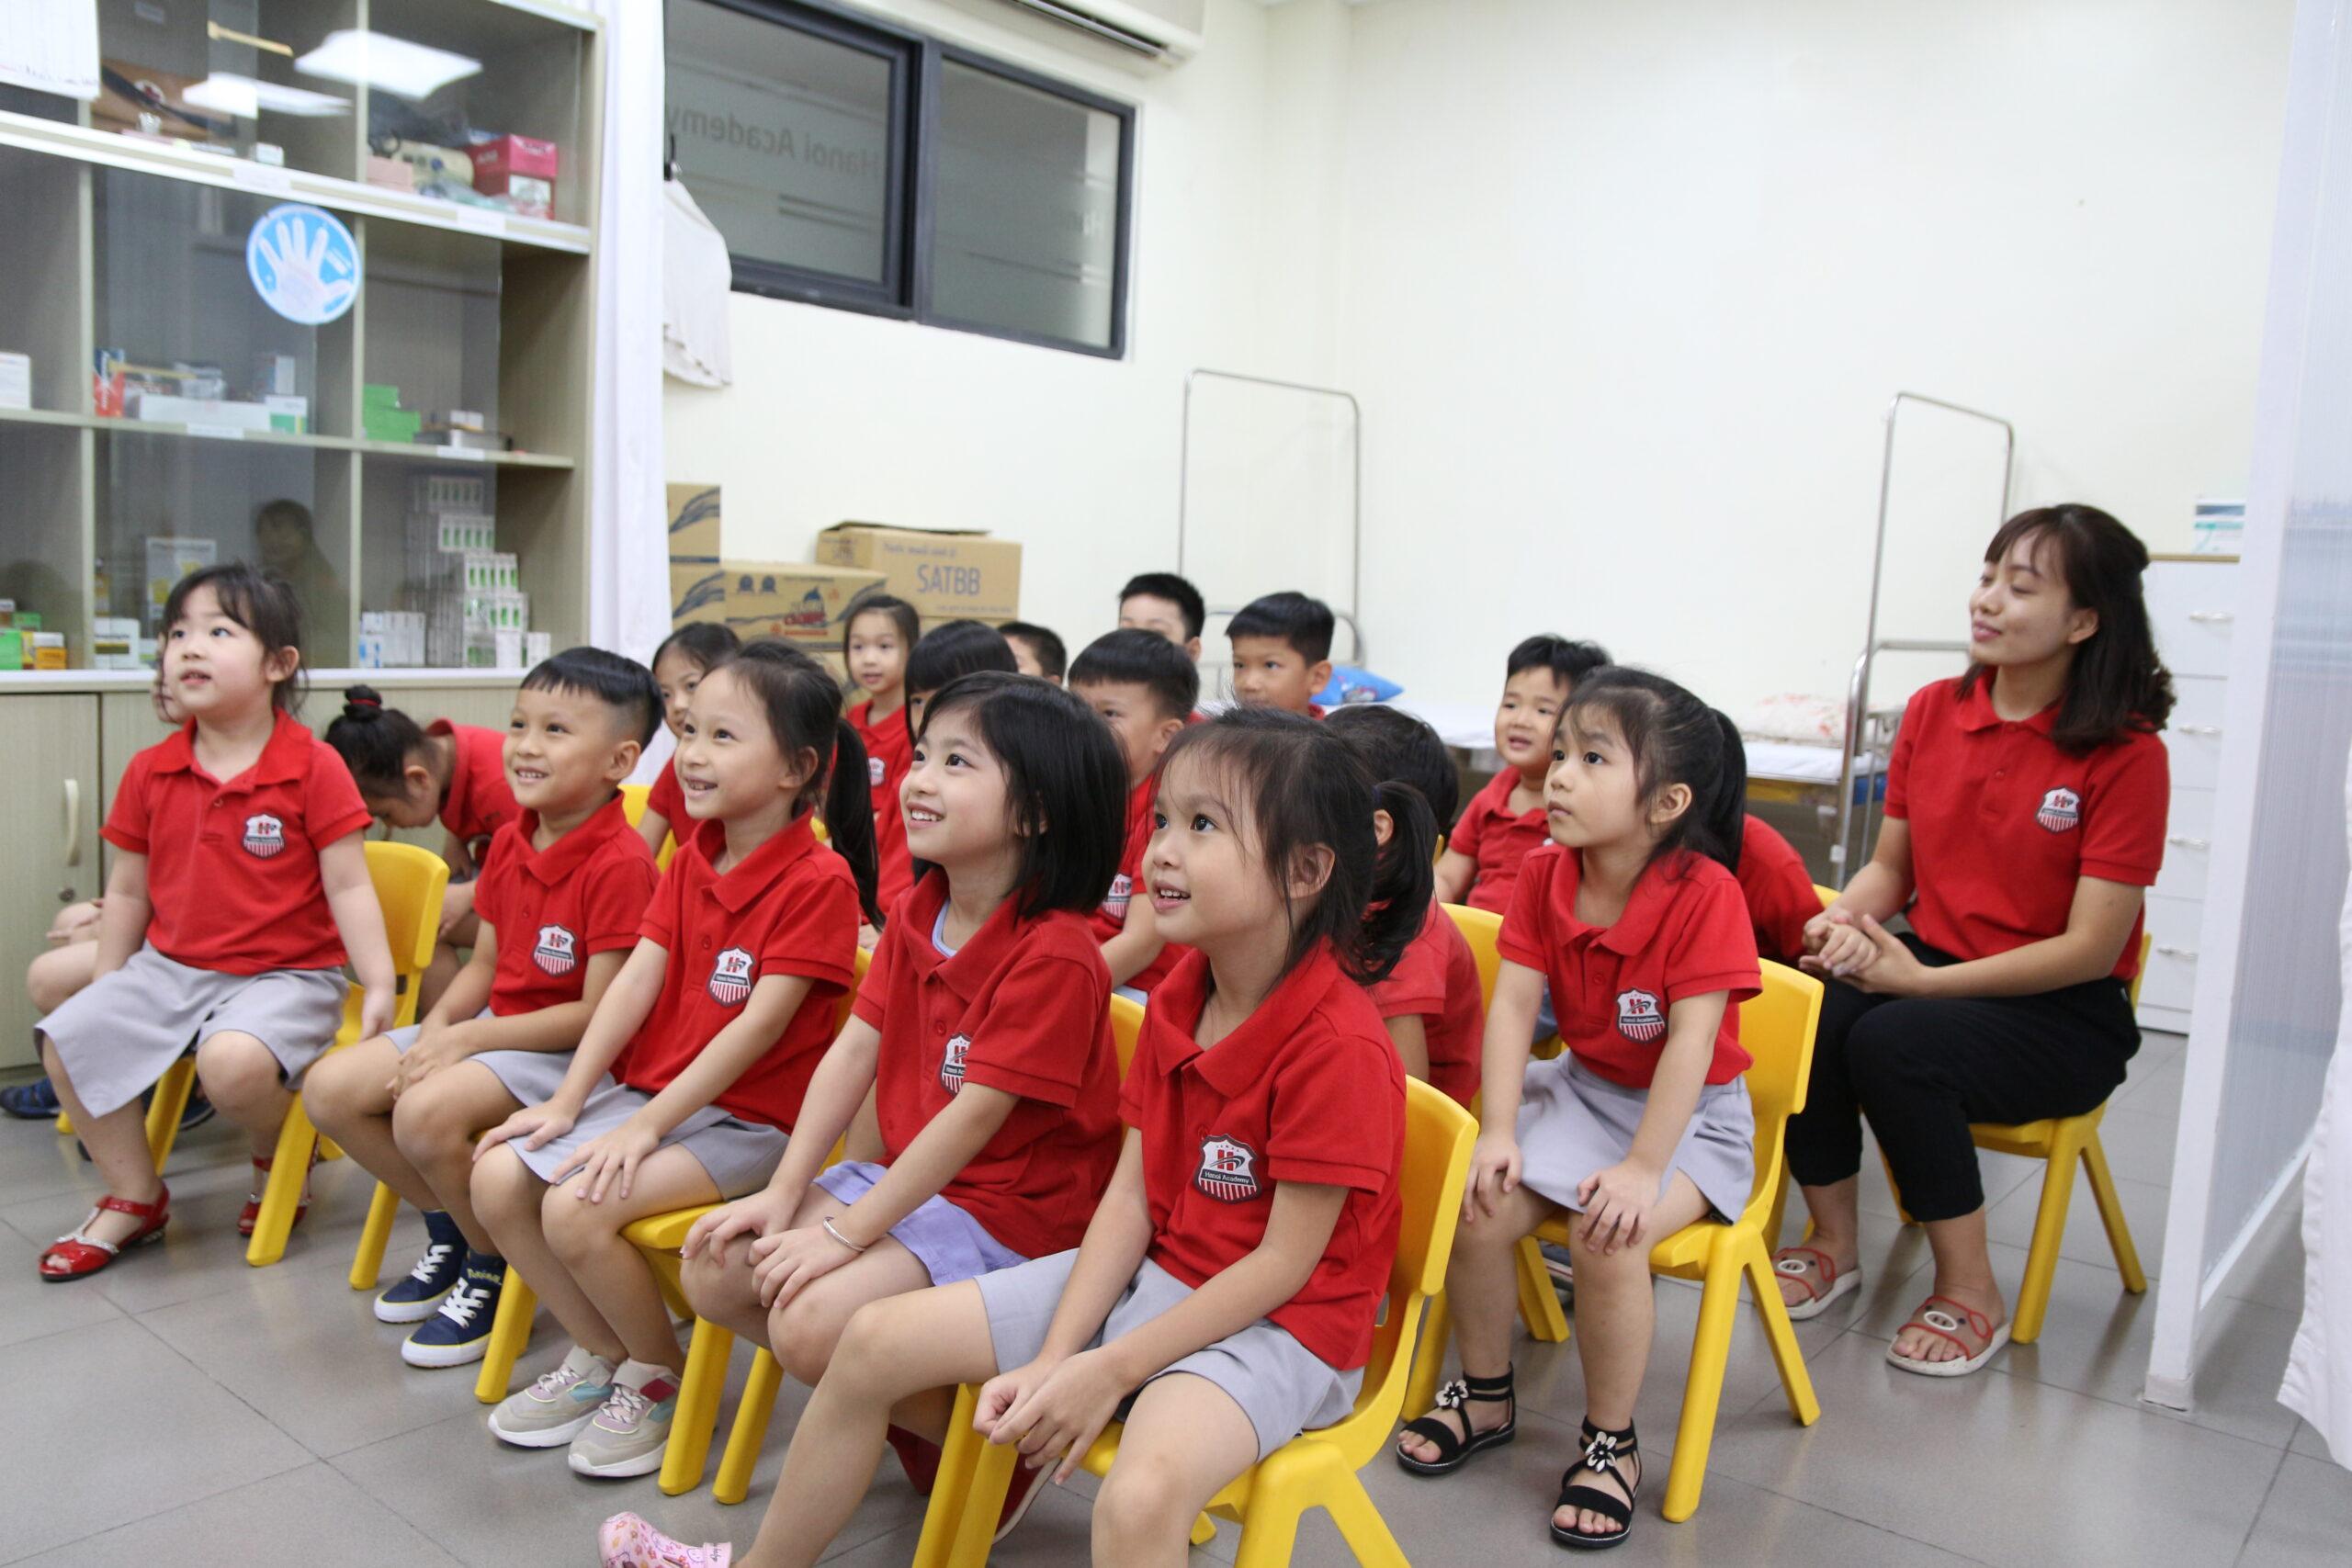 """Cùng trả lời """"Covid là gì?"""" với các học sinh Trường Mầm non Song ngữ Quốc tế Hanoi Academy Trang chủ"""